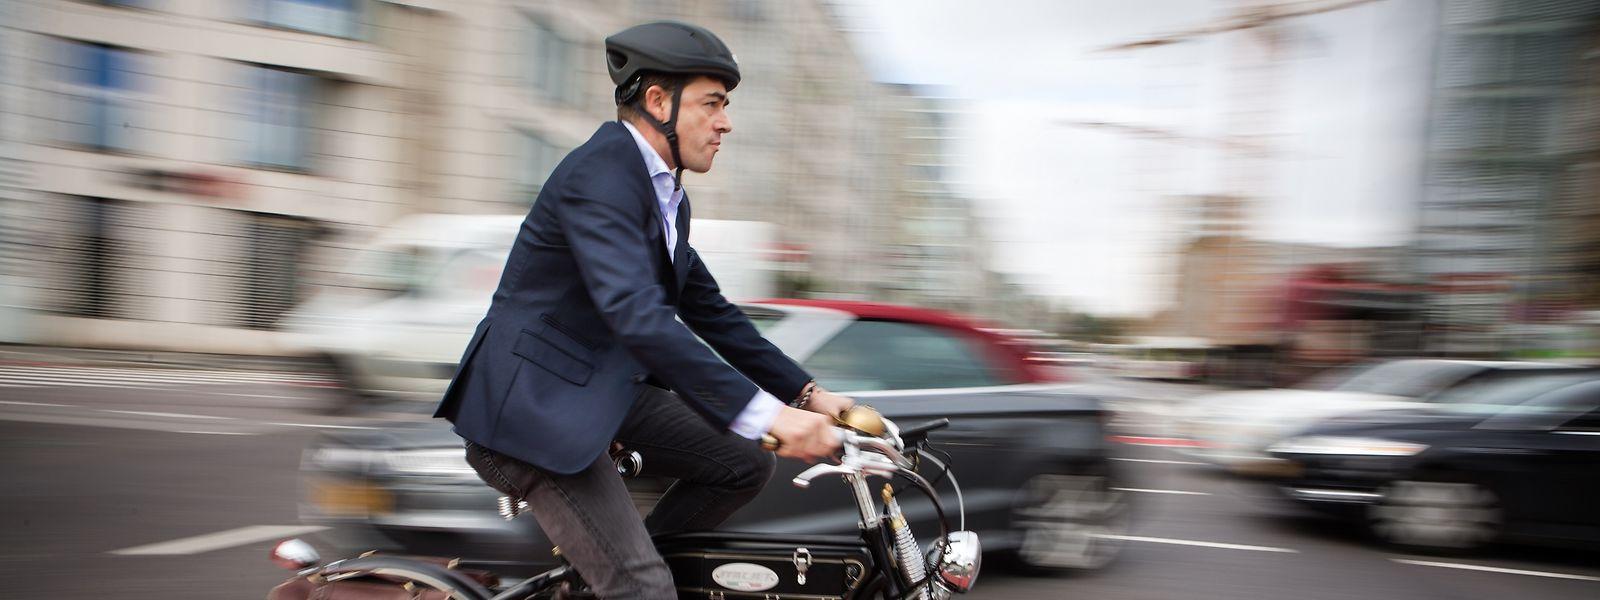 Elektrofahrrad - vélo electrique -  e-bike - Photo : Pierre Matgé